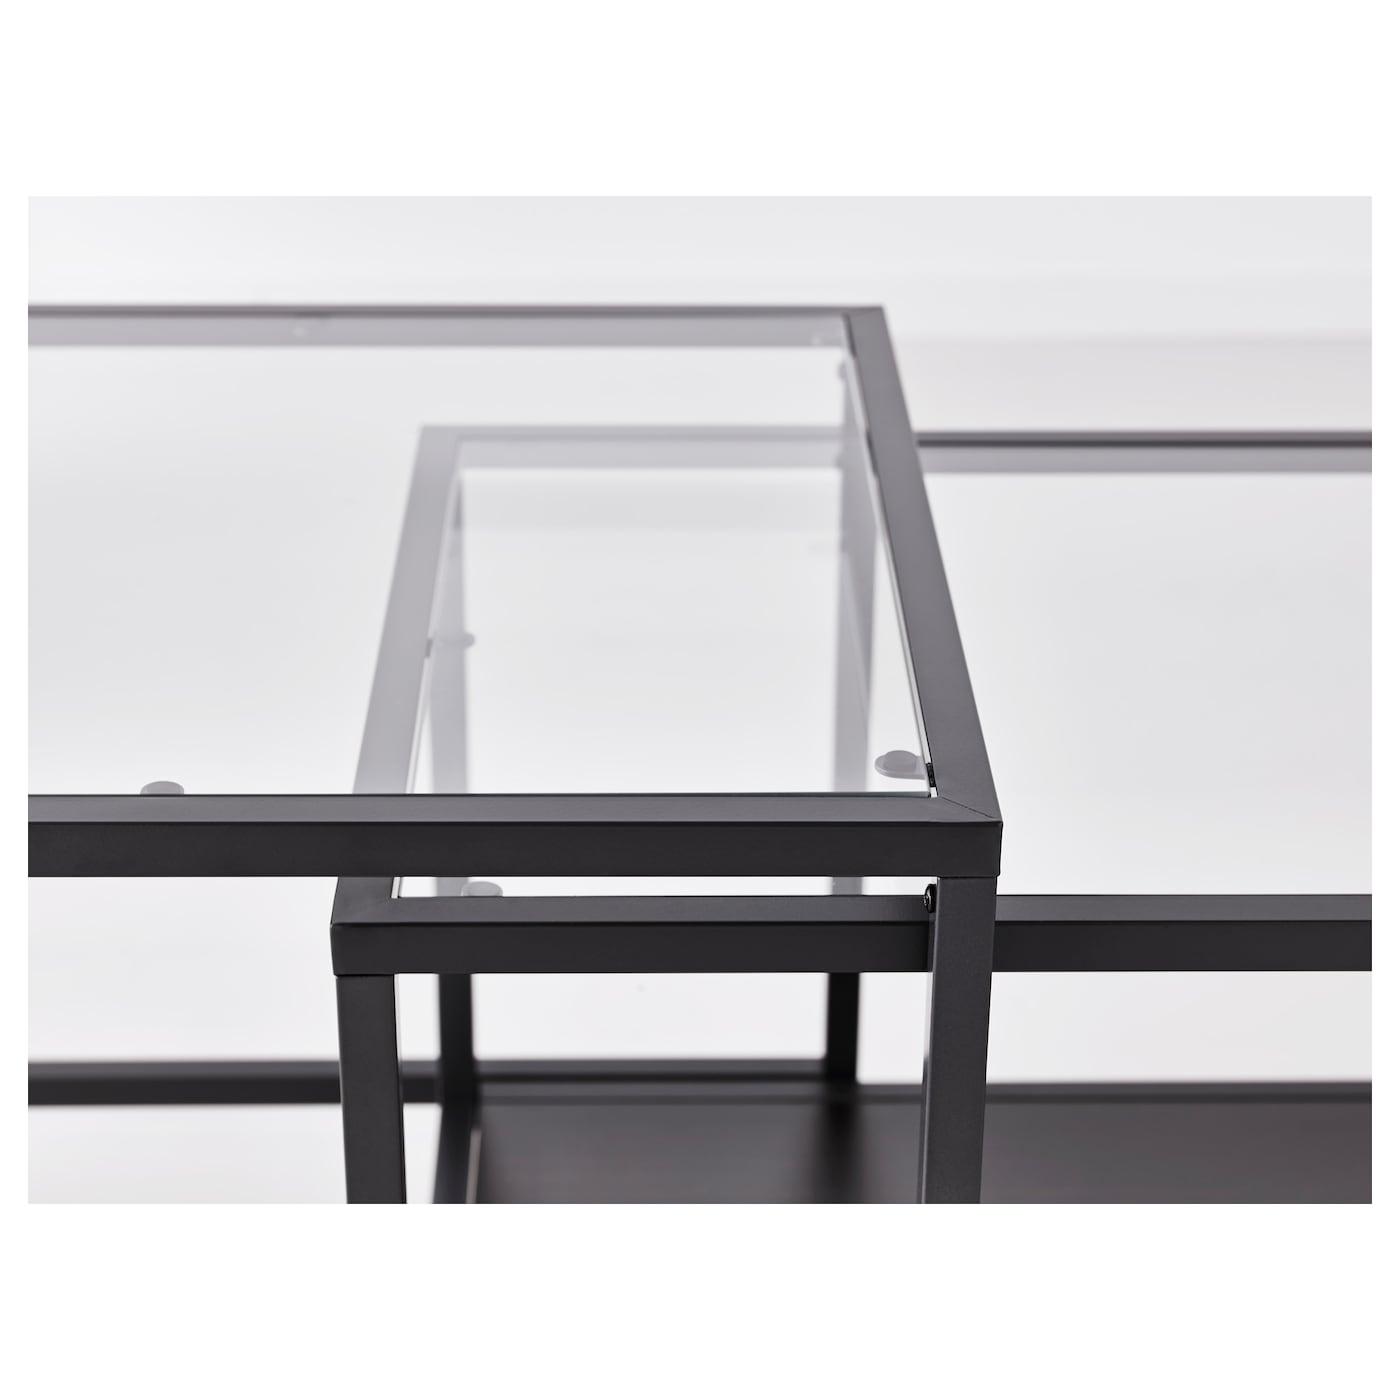 Vittsj tables gigognes lot de 2 brun noir verre 90x50 cm - Table gigogne verre ikea ...